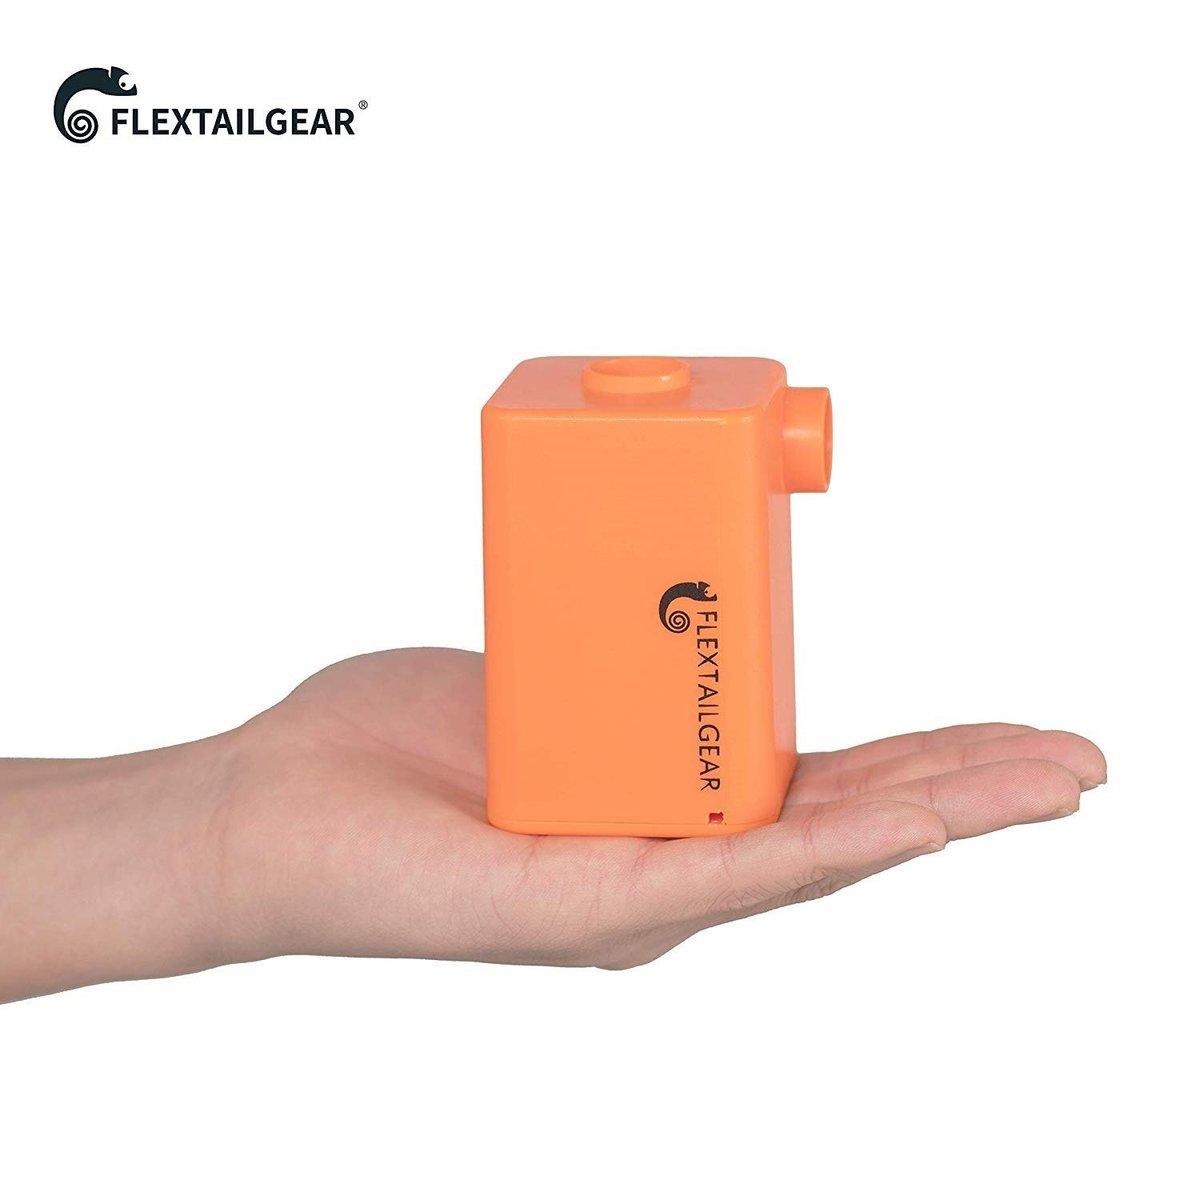 MAX PUMP PLUS  Travel Vacuum Compressor - Orange